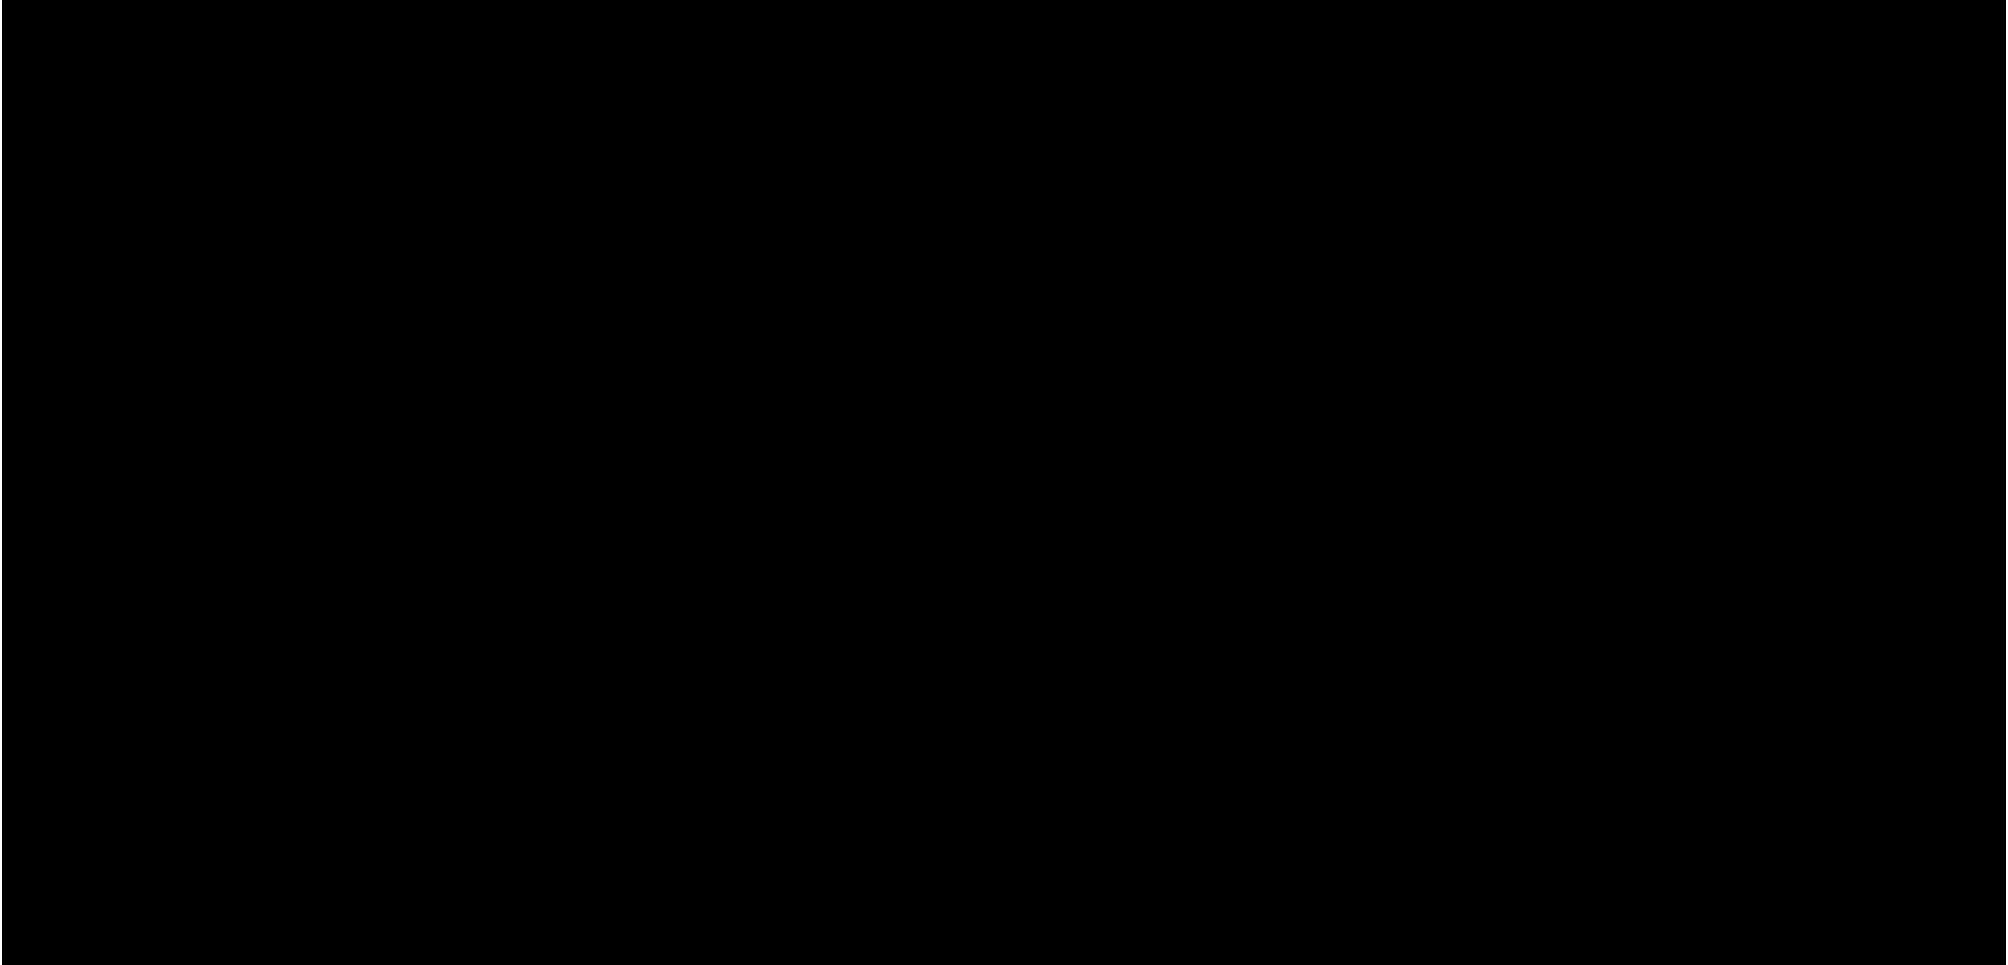 Seitentaschen f/ür Controller Beinauflage Fu/ßhocker Game Over-Video-Gaming-Sitzsack f/ür drinnen und drau/ßen ergonomisches Design f/ür den engagierten Gamer Dragon Skin